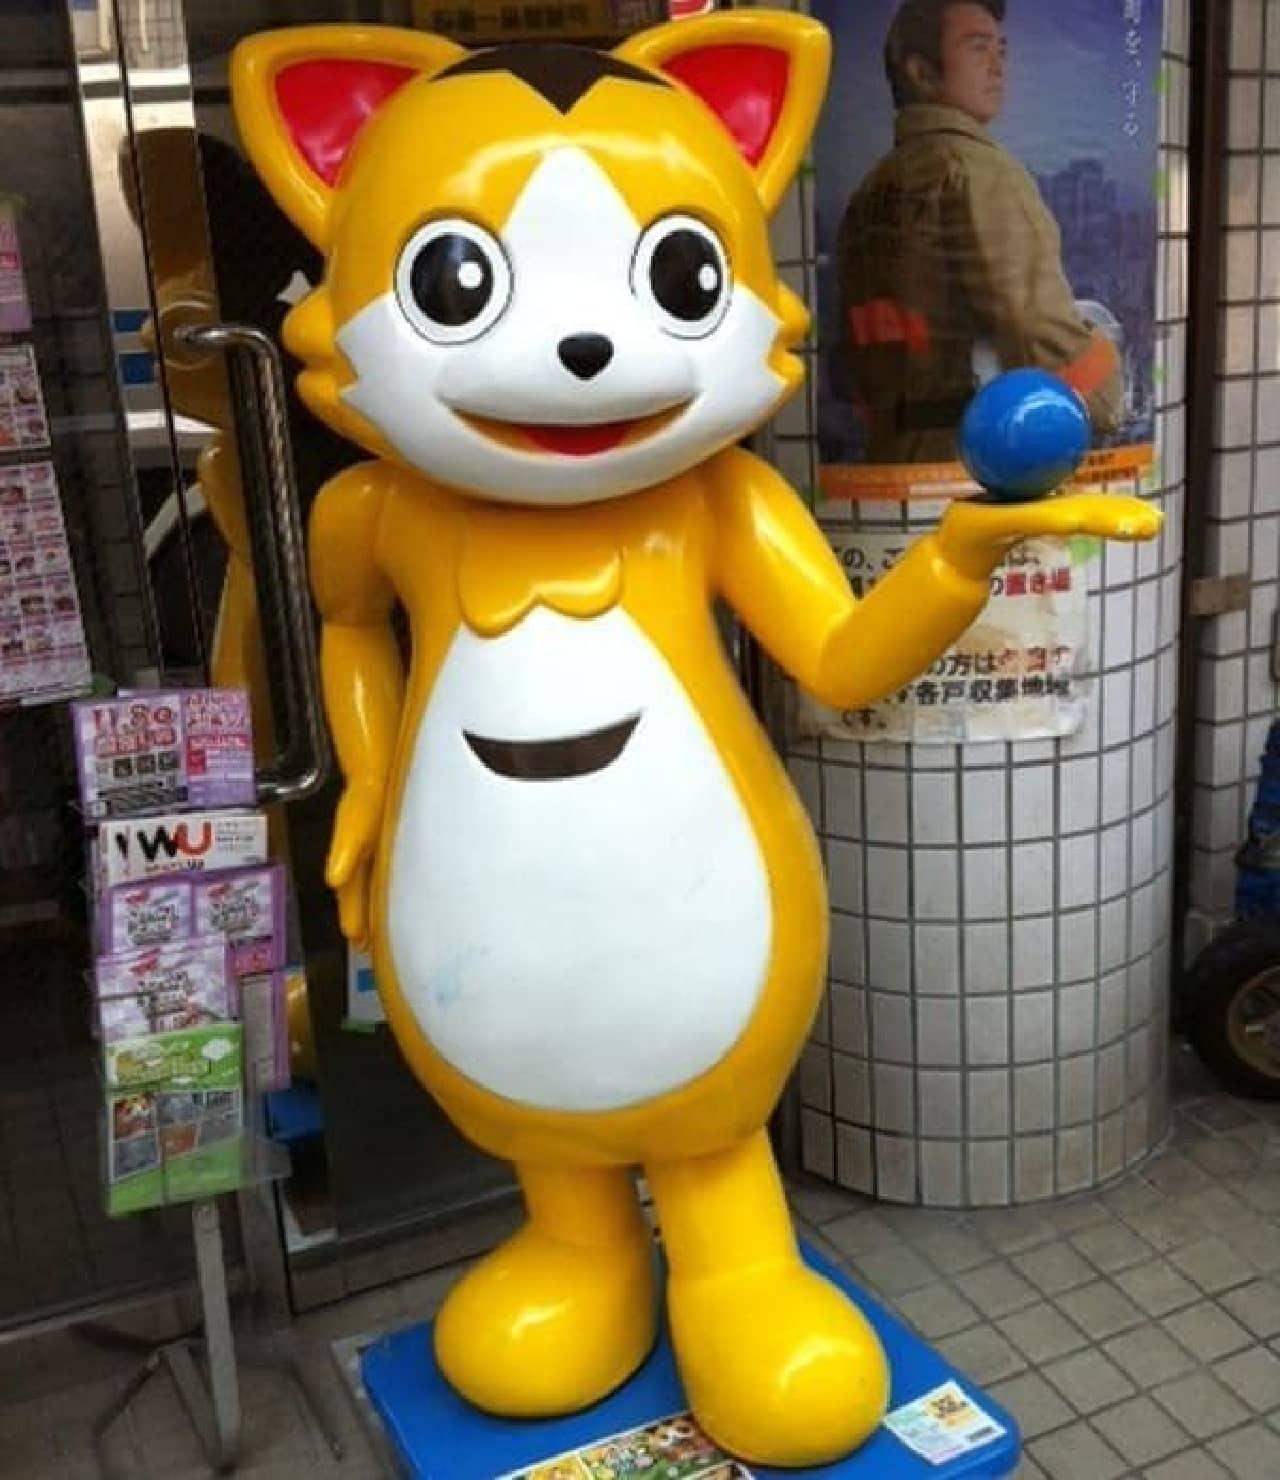 商店街をそっと見守る「銀ちゃん」  左手の青いボールを触ると、健康運がアップするとか...?